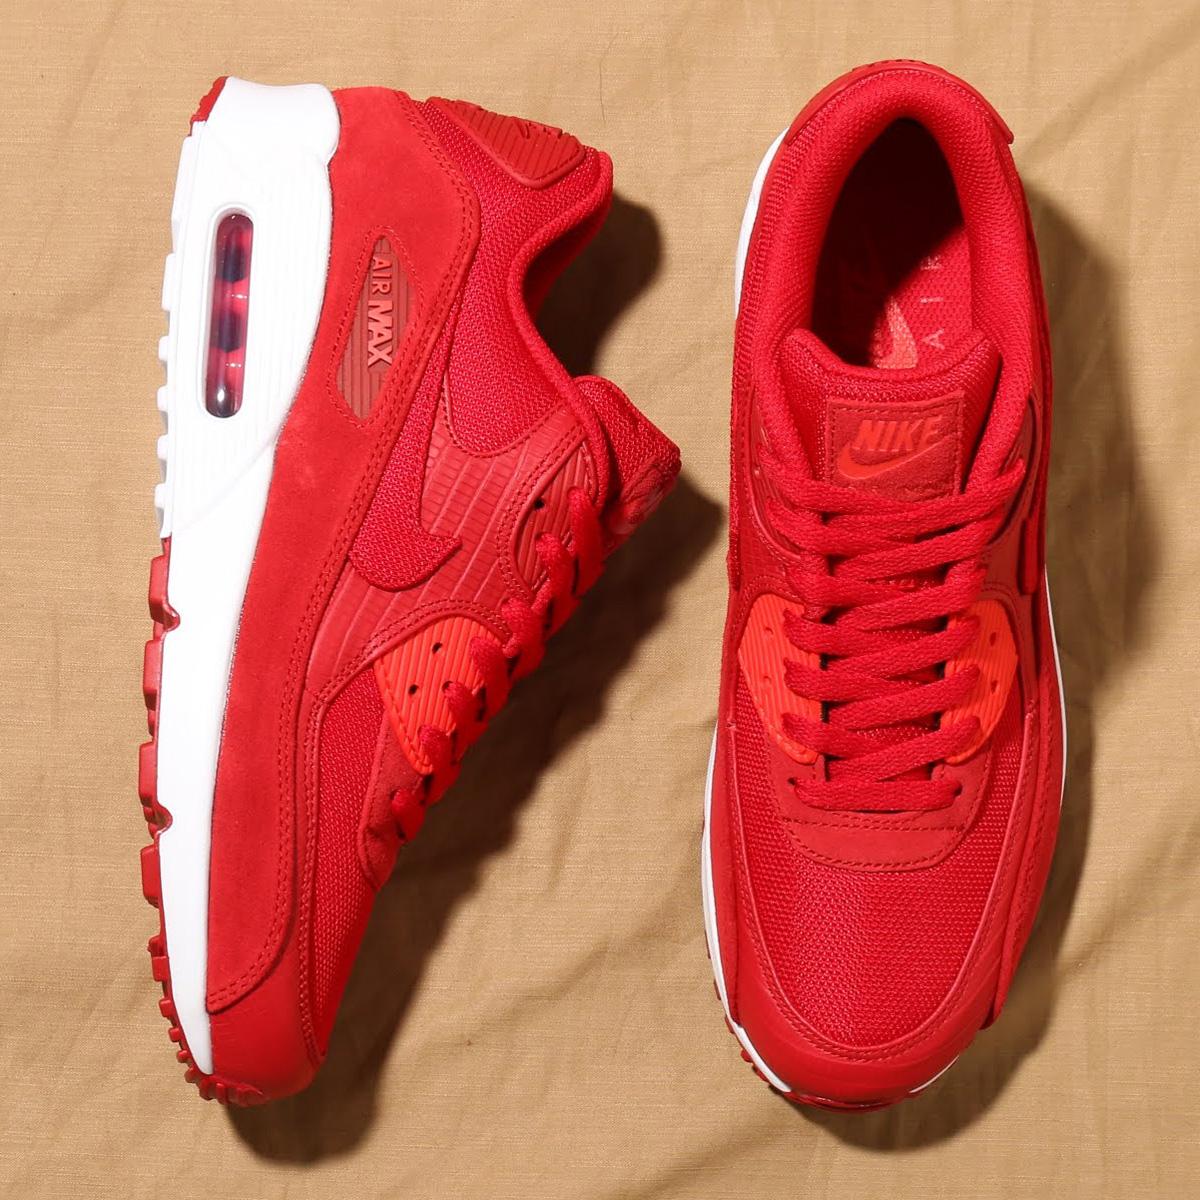 NIKE AIR MAX 90 PREMIUM (ナイキ エア マックス 90 プレミアム) GYM RED/GYM RED-WHITE-HABANERO RED【メンズ スニーカー】18SU-S